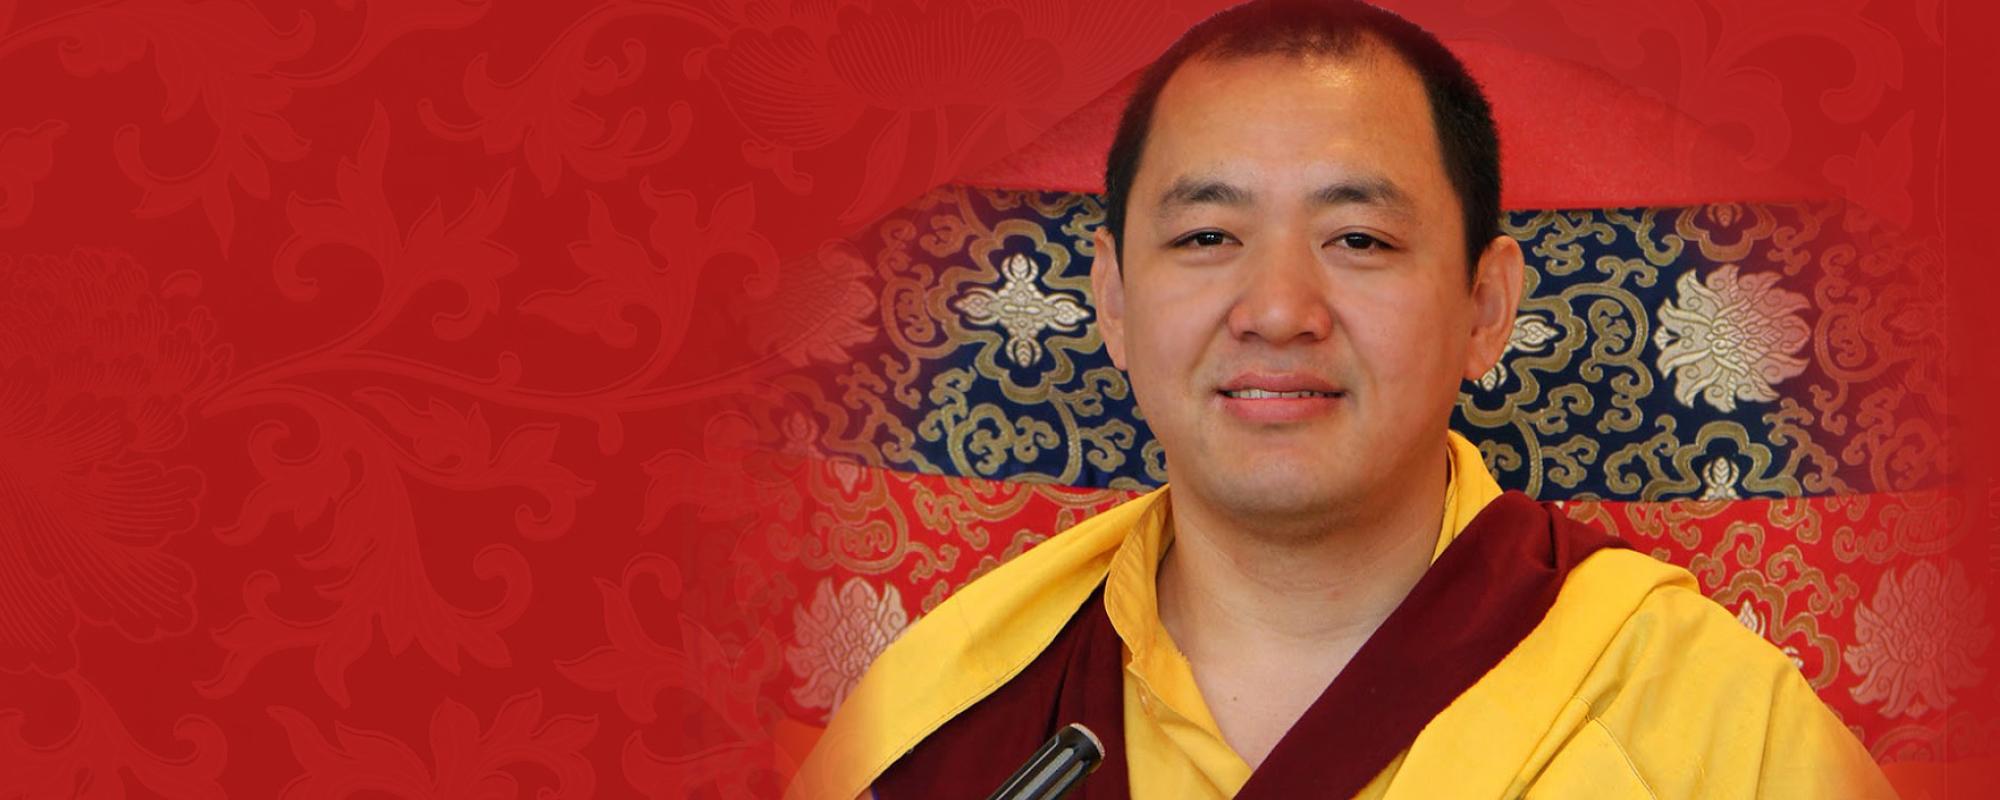 Dupsing Rinpocse - Tanítások a bardóról @ Karmapa Ház - Budapest